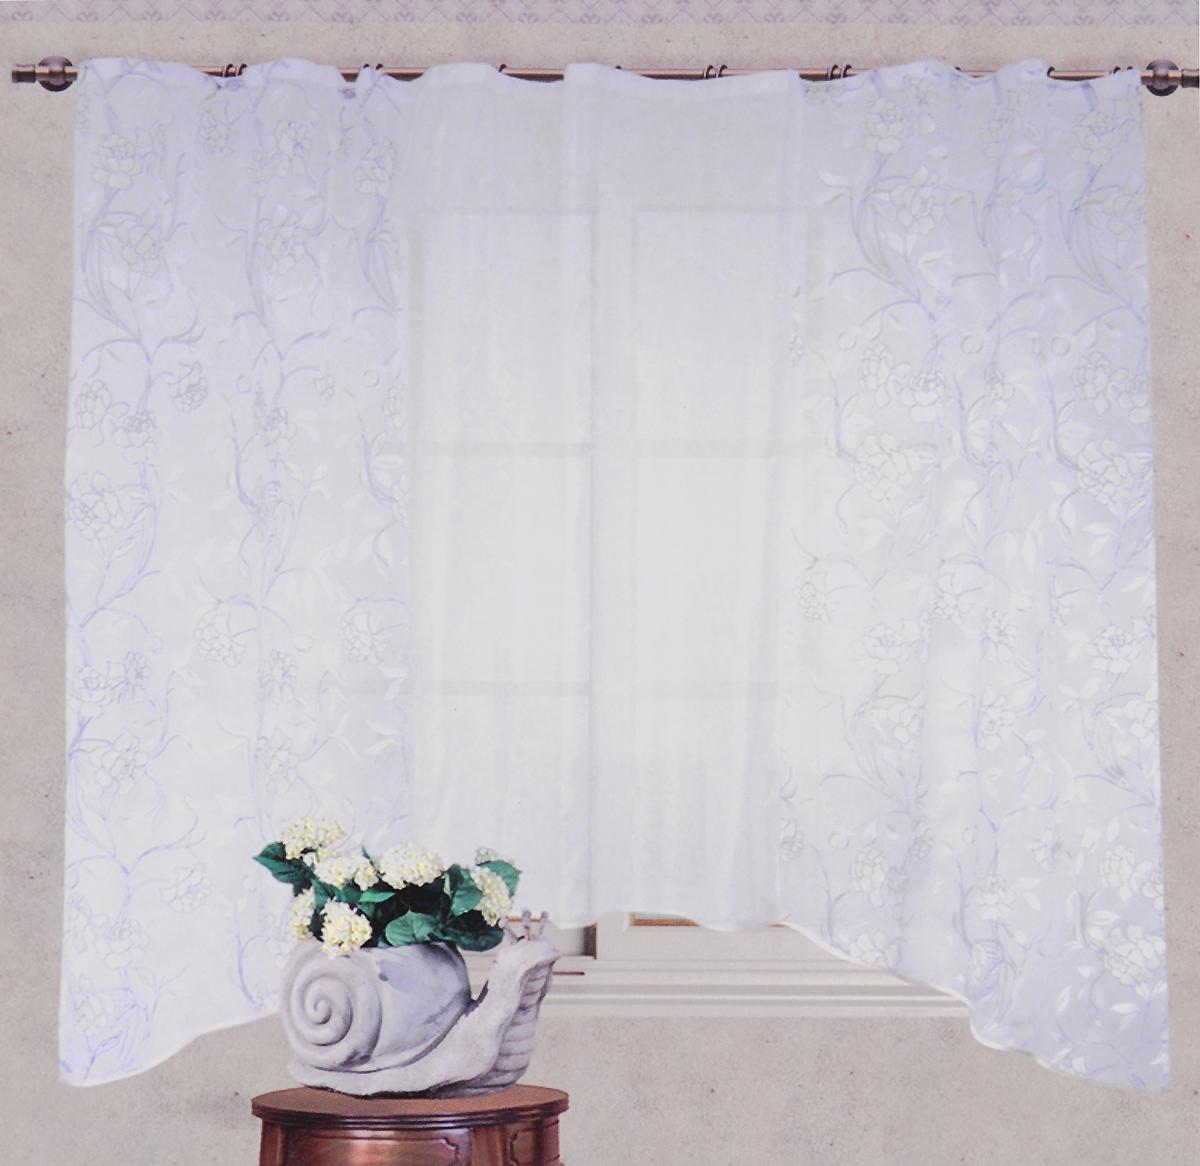 Арка Garden, на ленте, с рюшей, цвет: белый, оливковый, высота 180 смС 2287 - W191 V13Арка Garden выполнена из полиэстераи оформлена печатным рисунком.Штора крепится на карниз при помощи ленты, которая поможет красиво и равномерно задрапировать верх. Приятная текстура и цвет штор привлекут к себе внимание и органично впишутся в интерьер помещения.Высота: 180 см